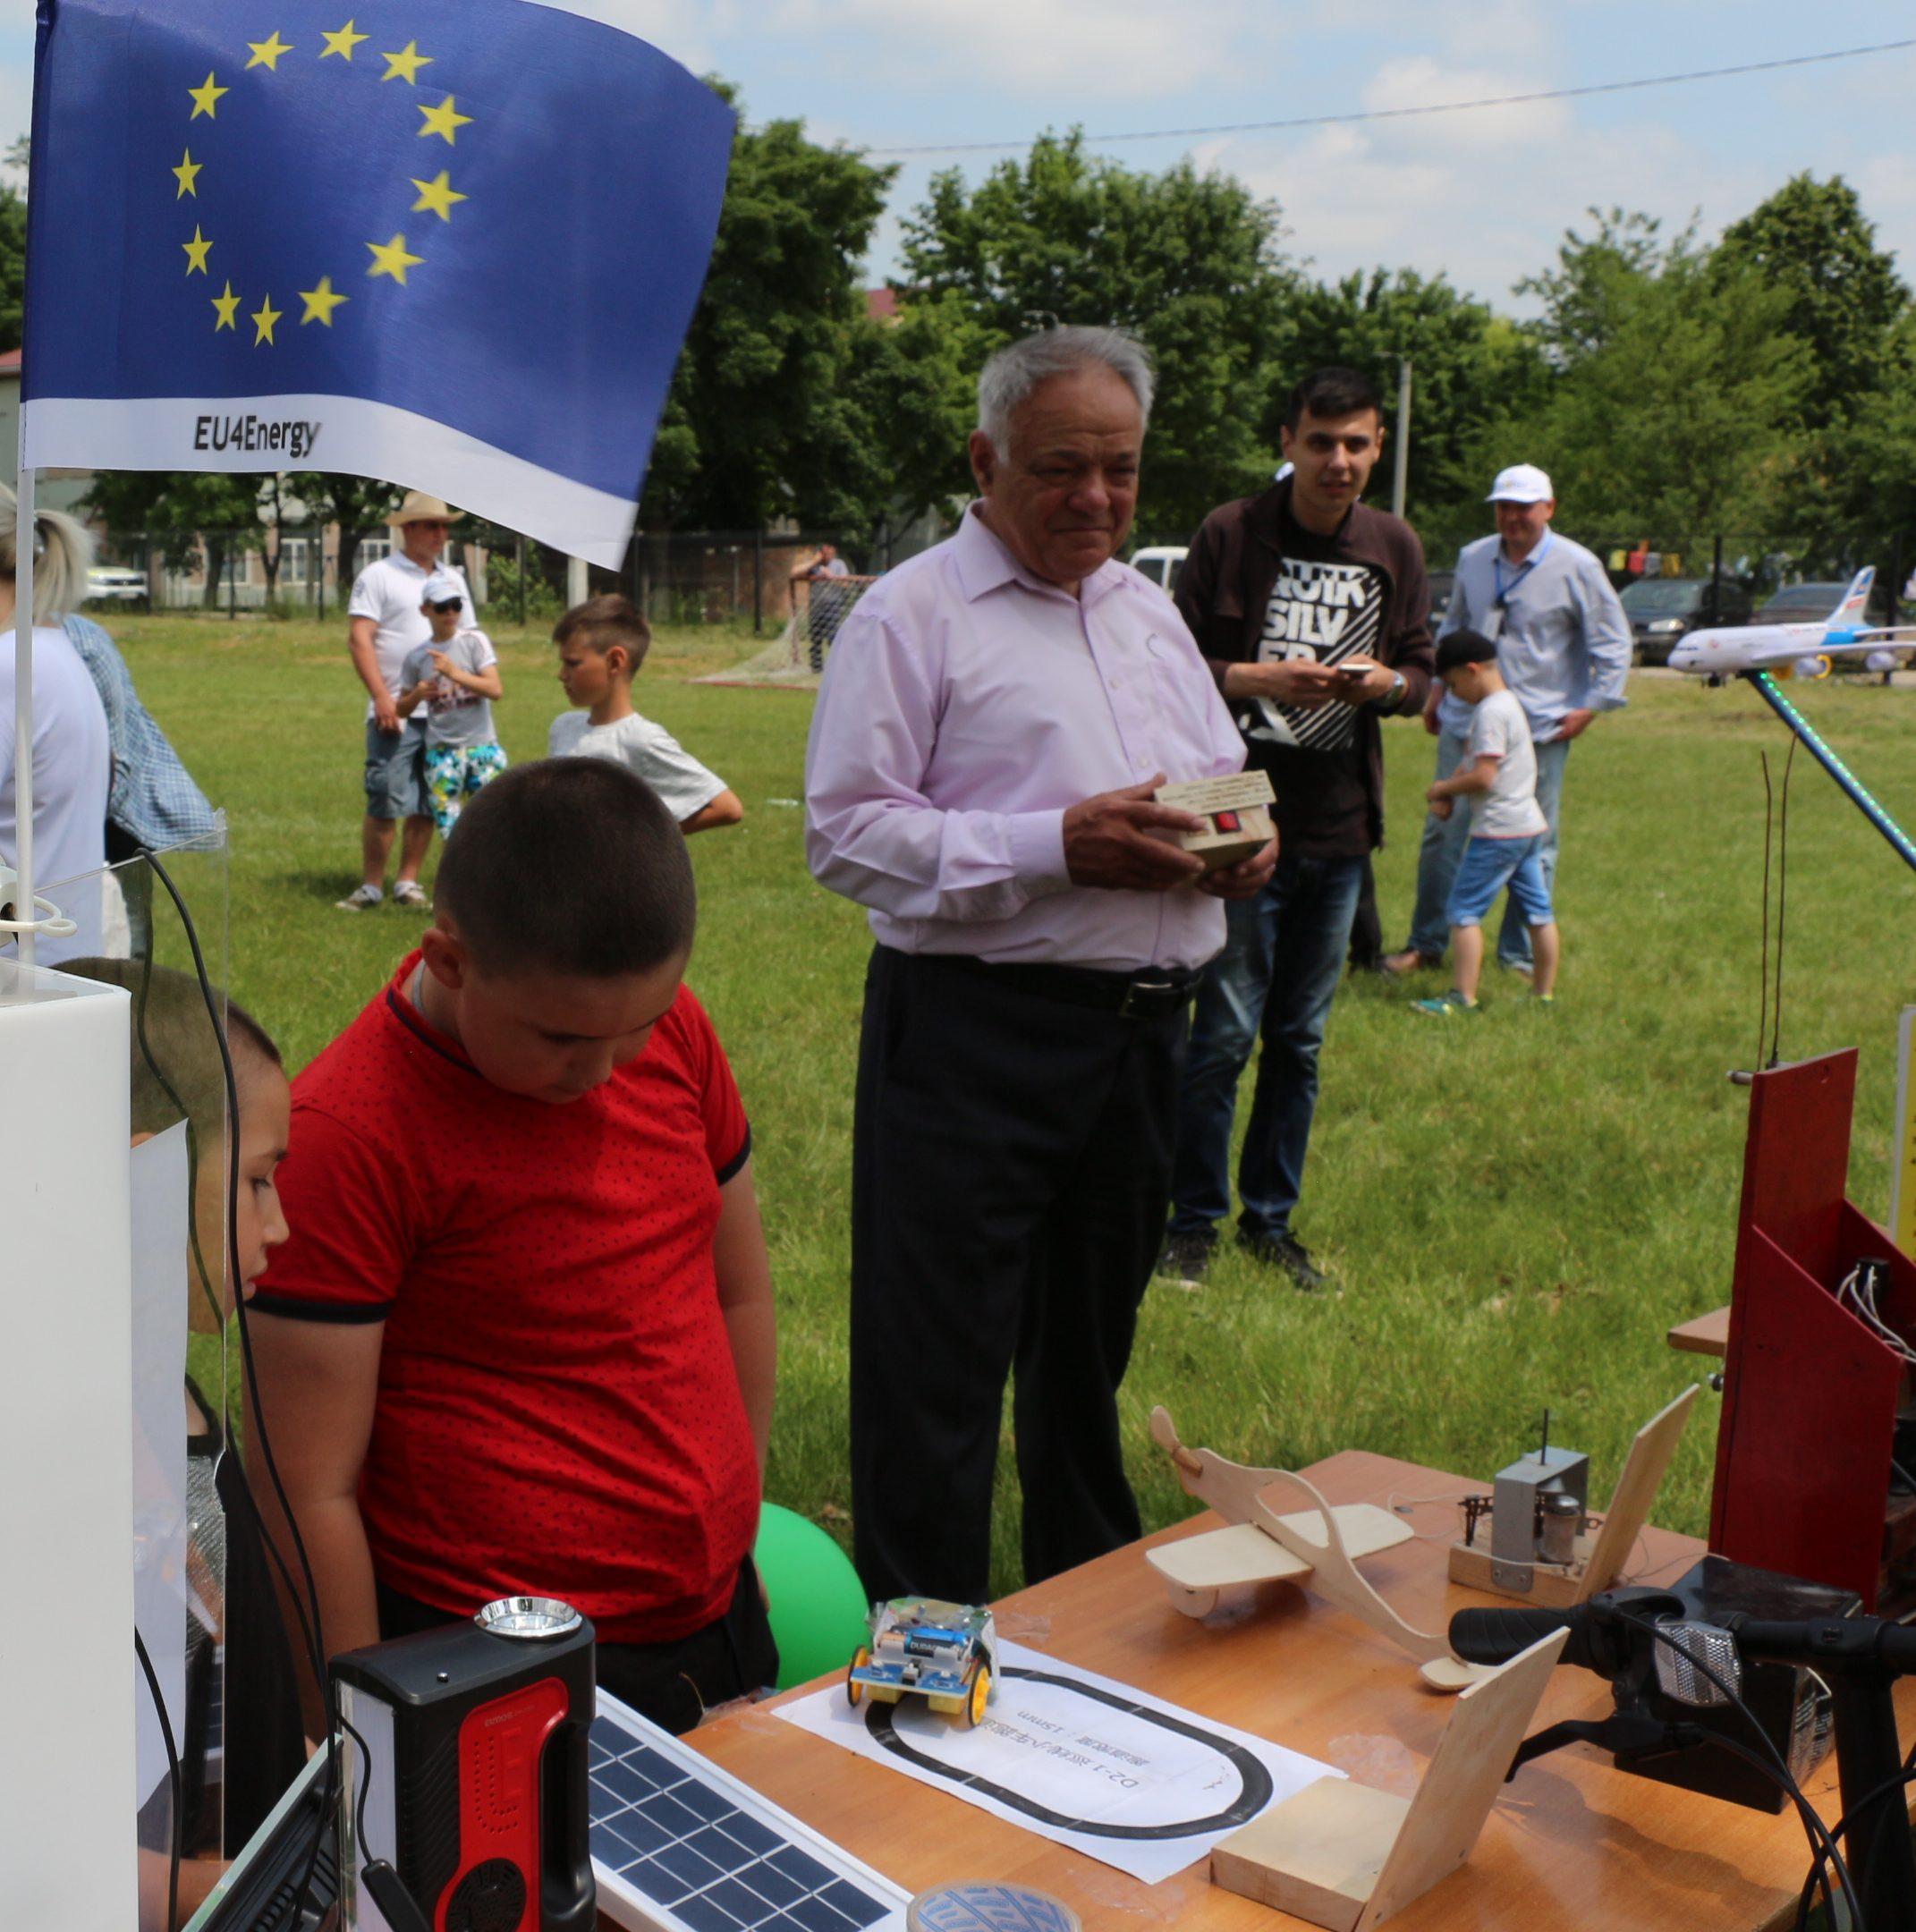 Ziua Energiei a adus la Cantemir o expoziție a tehnologiilor verzi